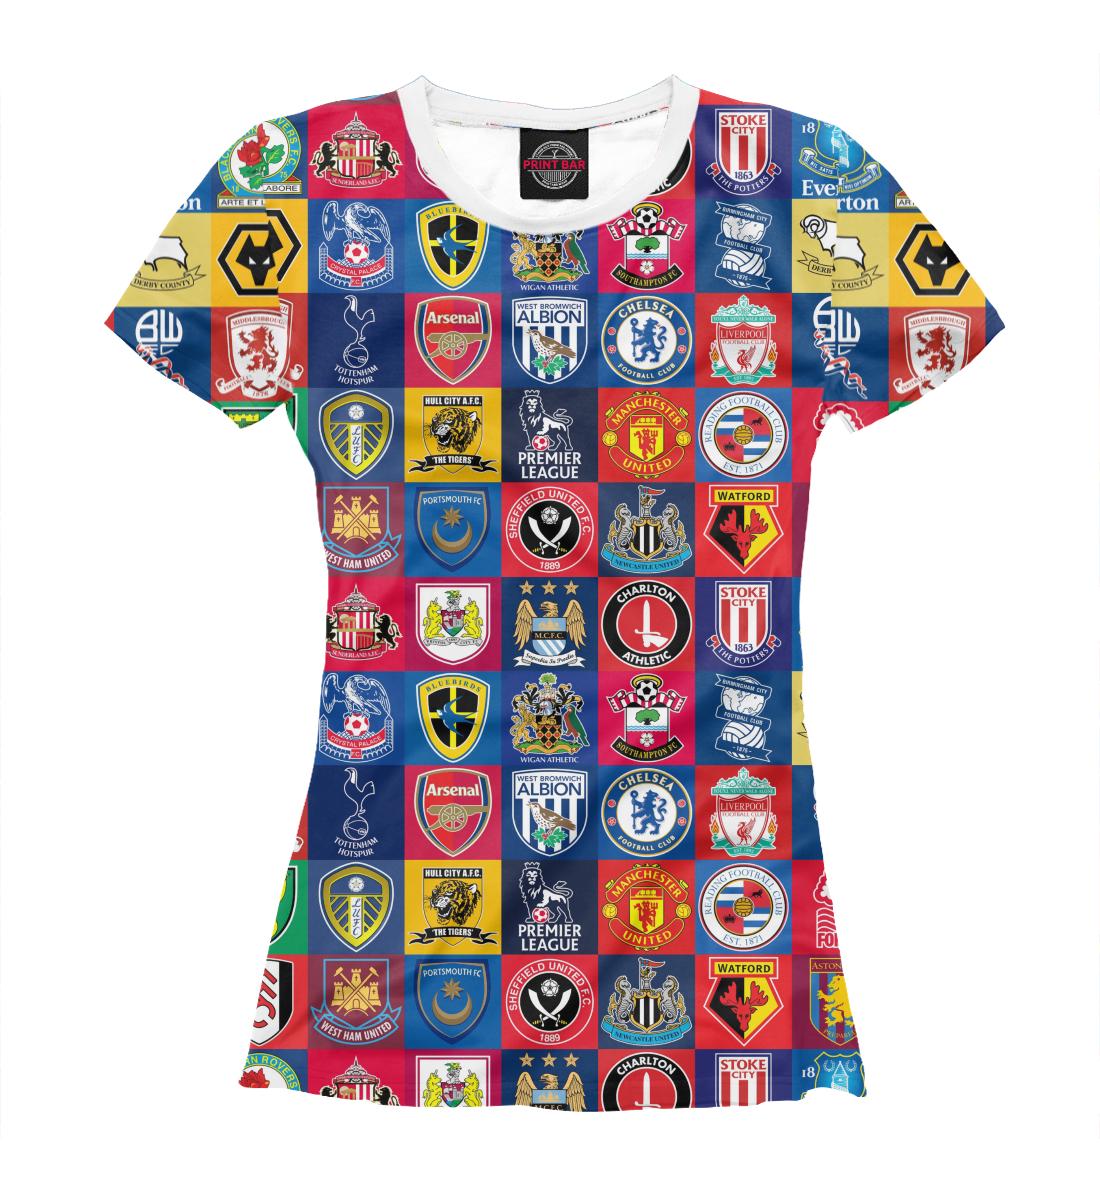 Купить Английская премьер-лига, Printbar, Футболки, FTO-525483-fut-1